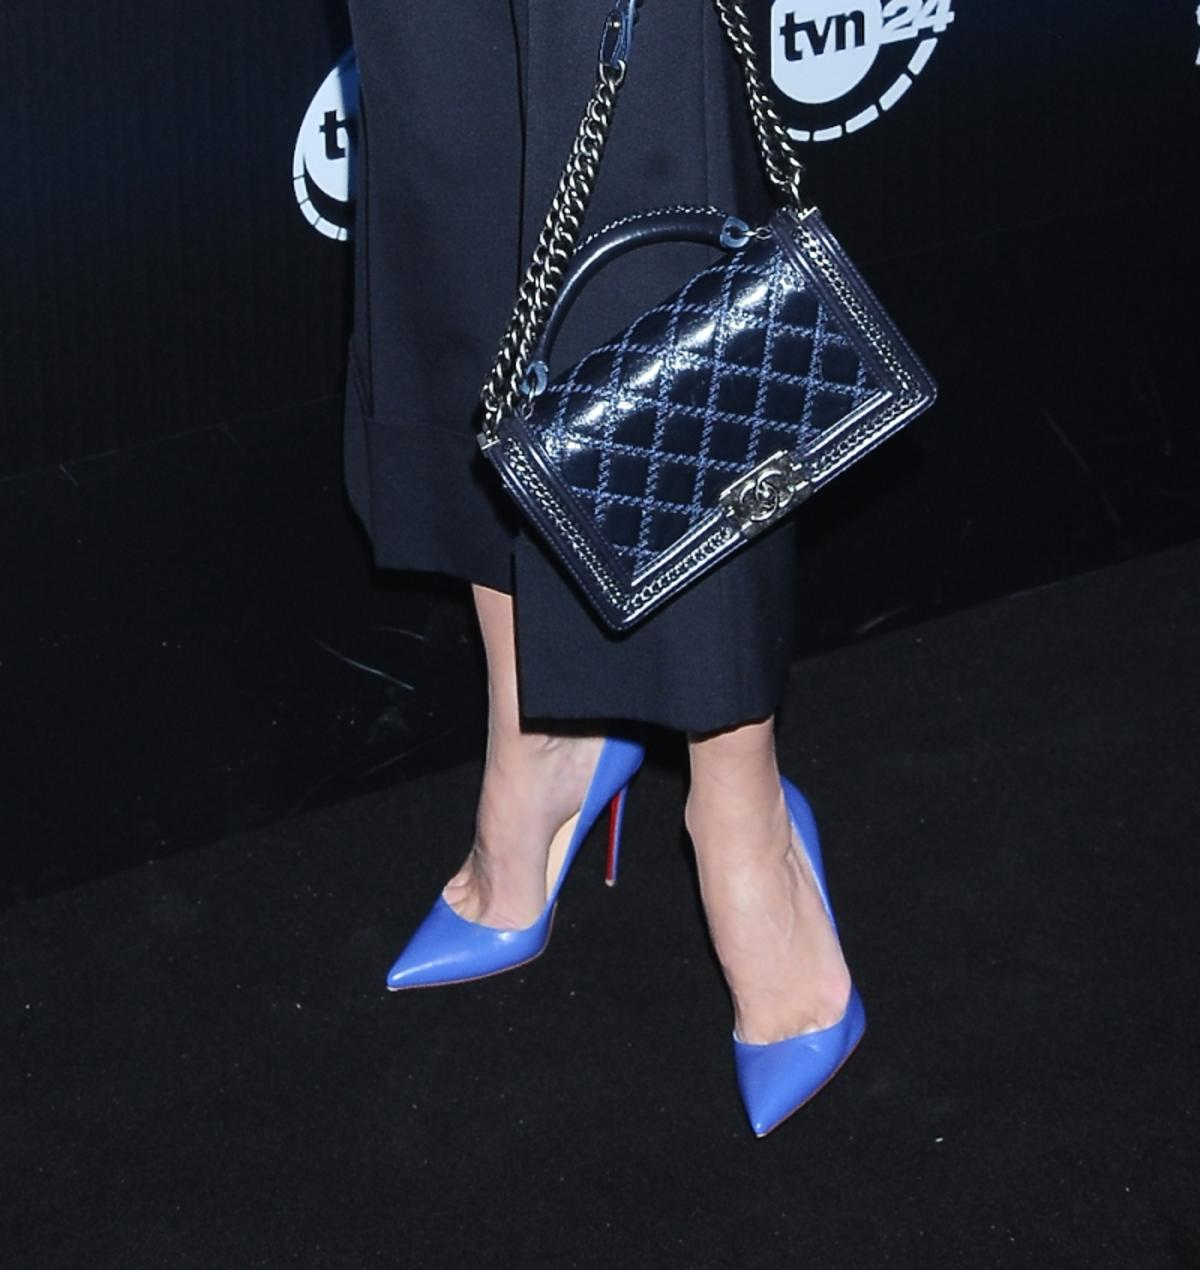 Małgorzata Kożuchowska w czarnych spodniach, niebieskich szpilkach, błyszczącej bluzce różowo-bordowej, grantanową torebką na pasku